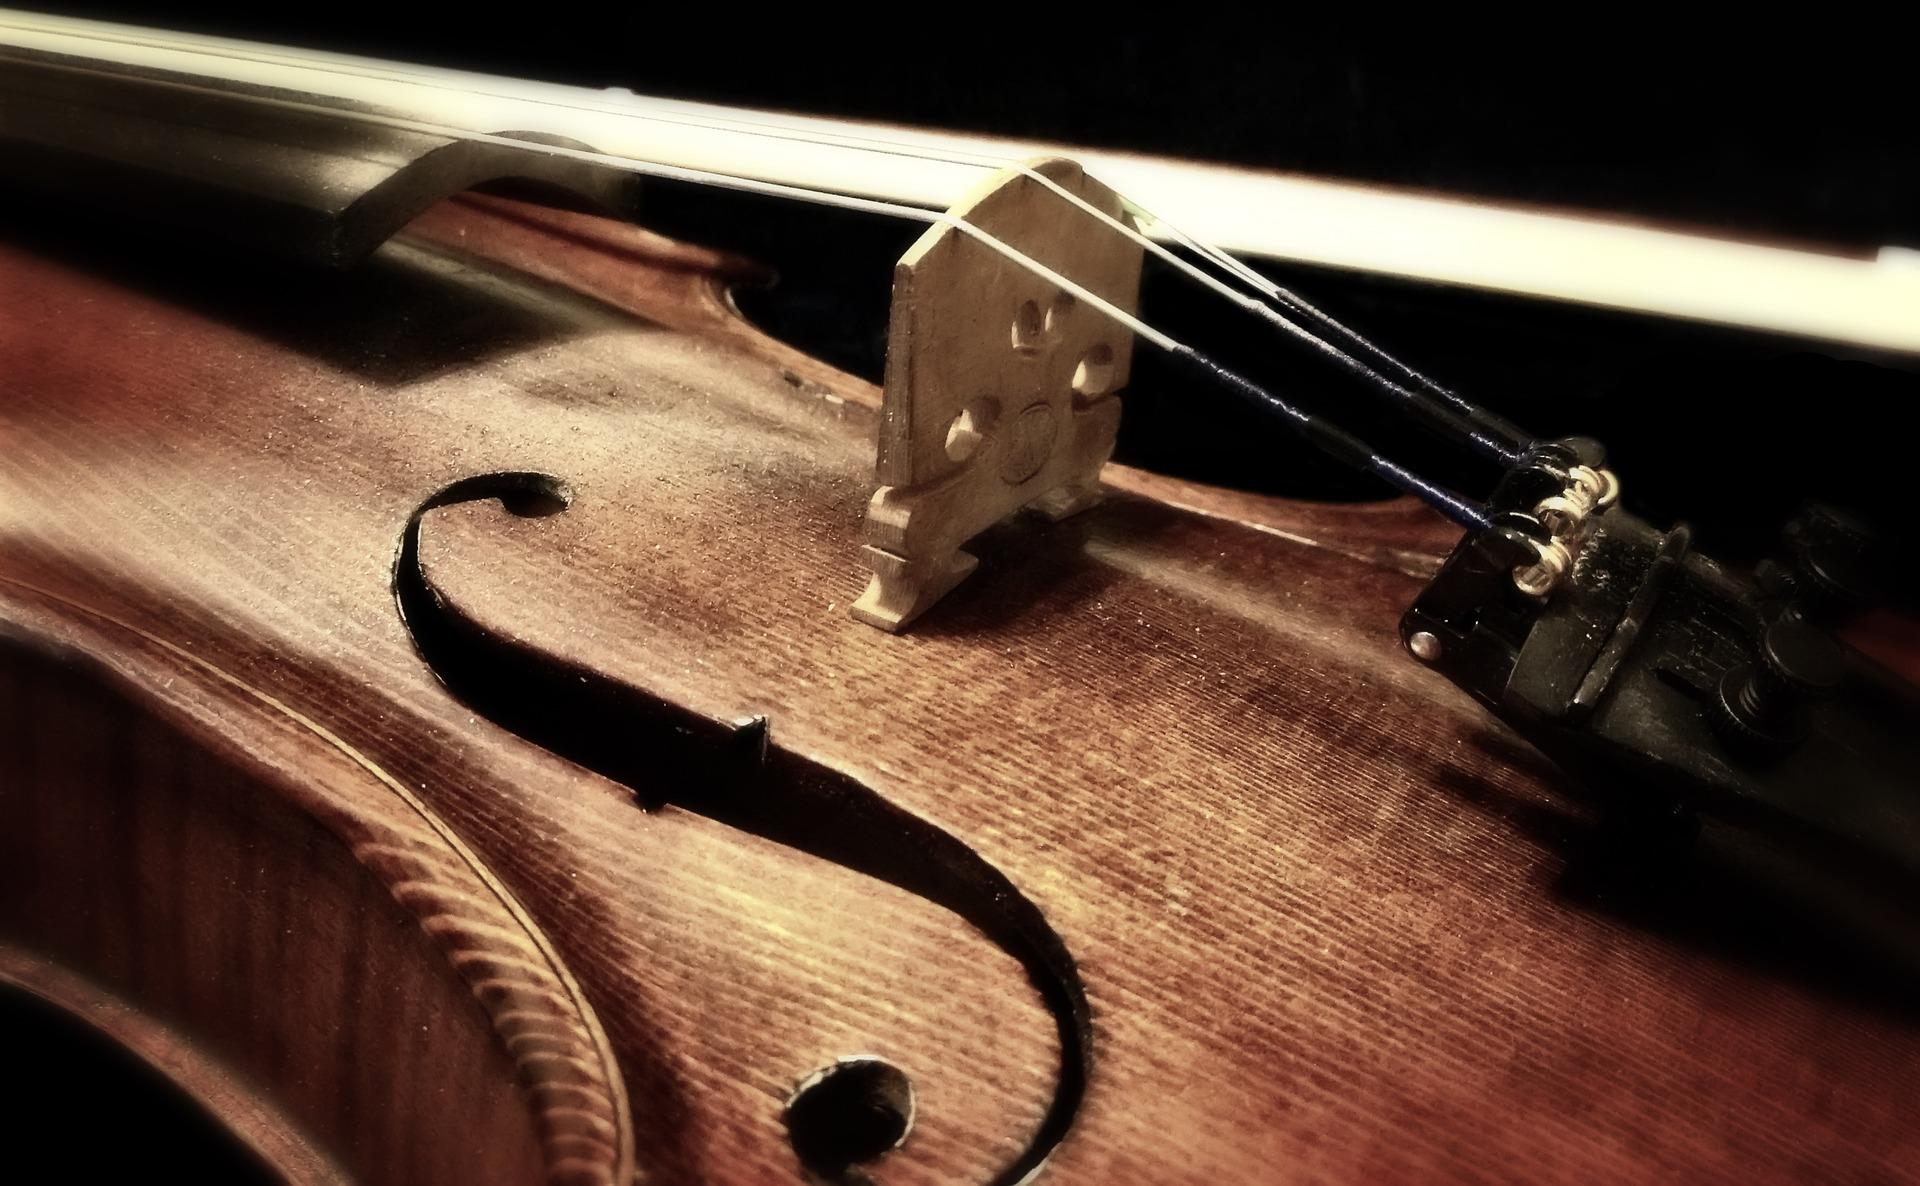 Yleisöesitelmä: Sibelius, viulu ja suosituin 1900-luvun viulukonsertto, op. Nro 47